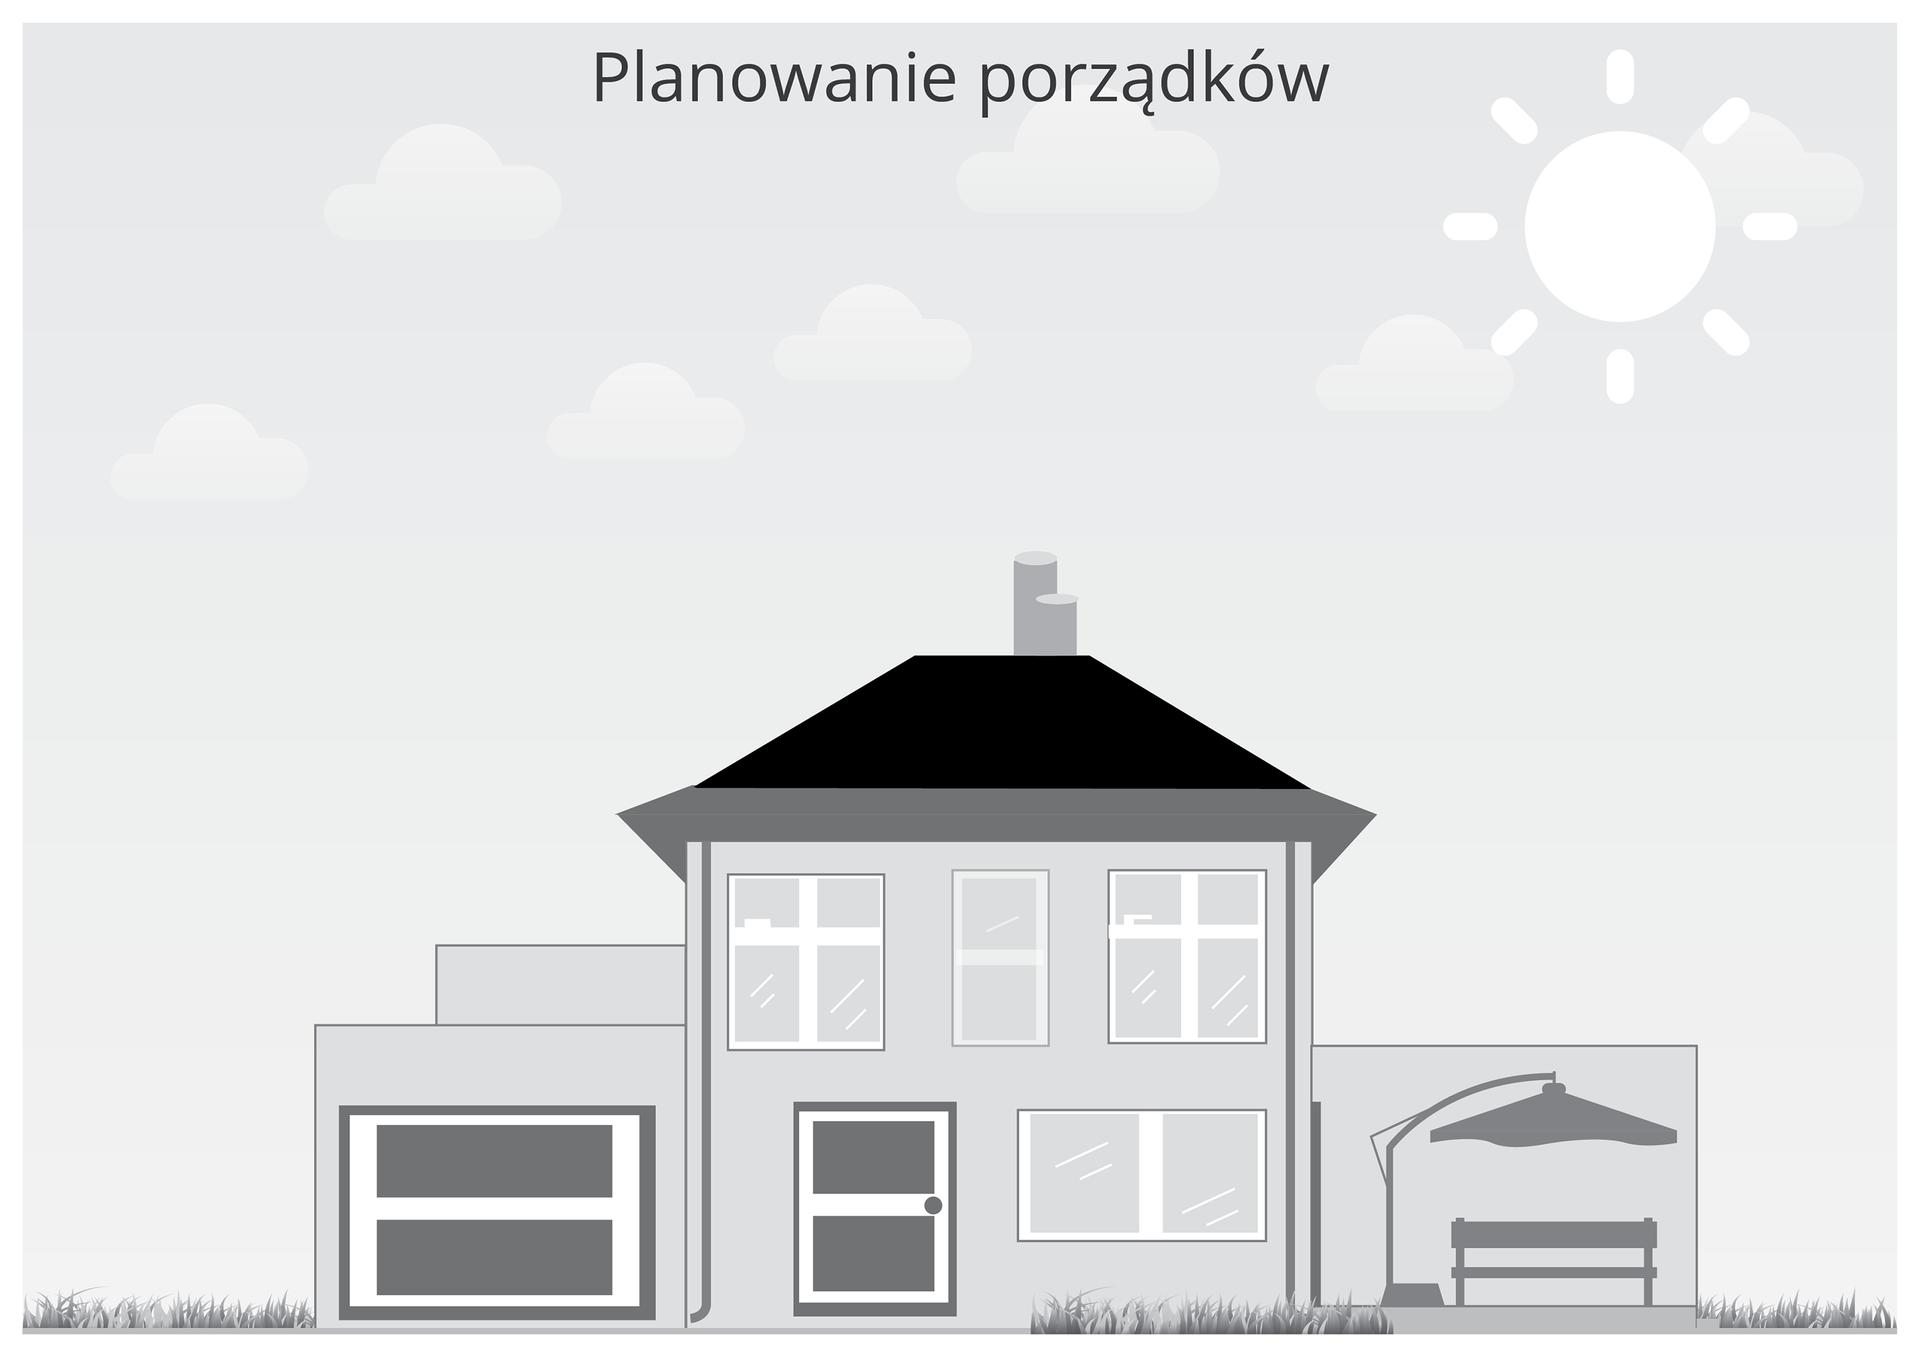 Pierwsza ilustracja wgalerii. Przedstawia czarno biały rysunek domu jednorodzinnego zgarażem po lewej stronie iosłoniętym tarasem po prawej. Nad domem pogodne niebo isłońce. Wgórnej części rysunku napis: Planowanie porządków.